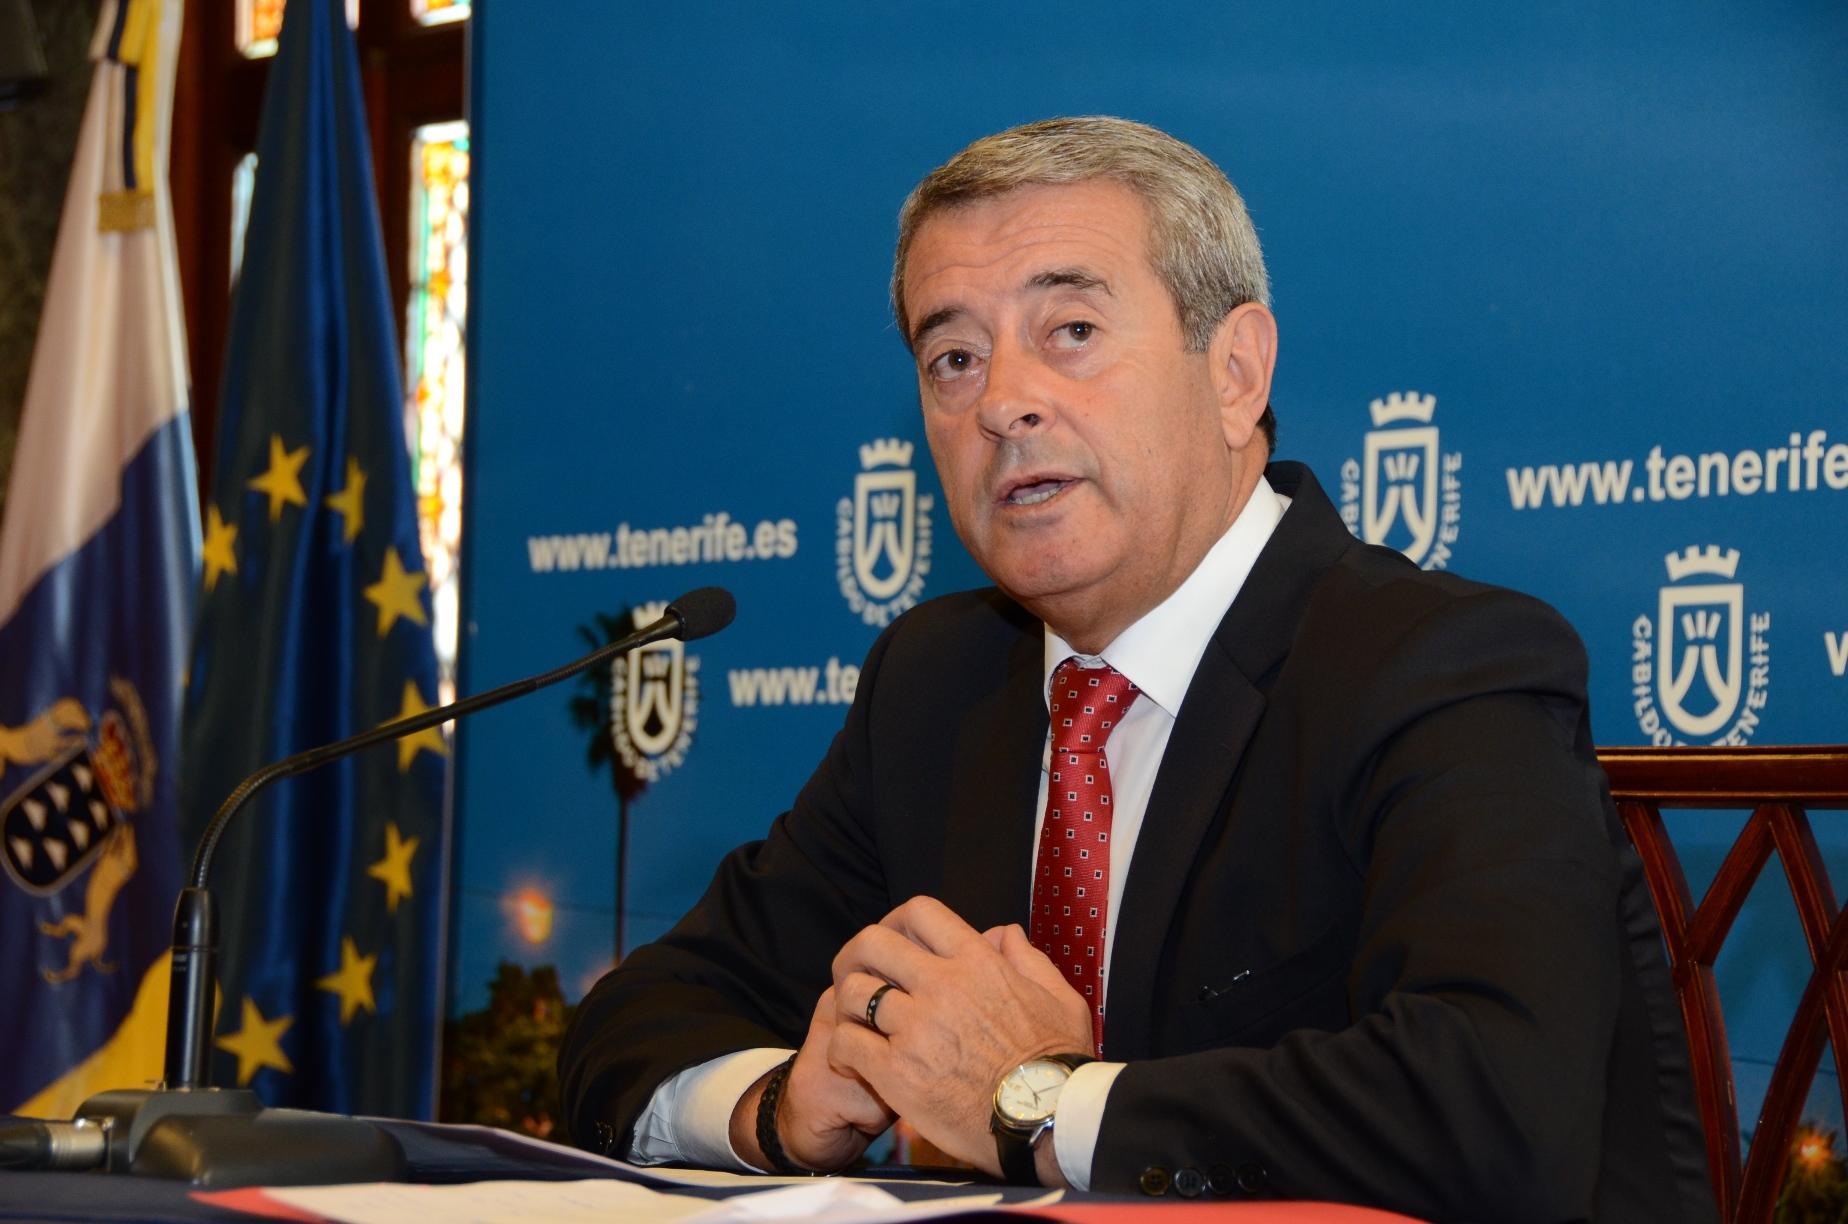 Tenerife no puede esperar más por Aurelio Abreu